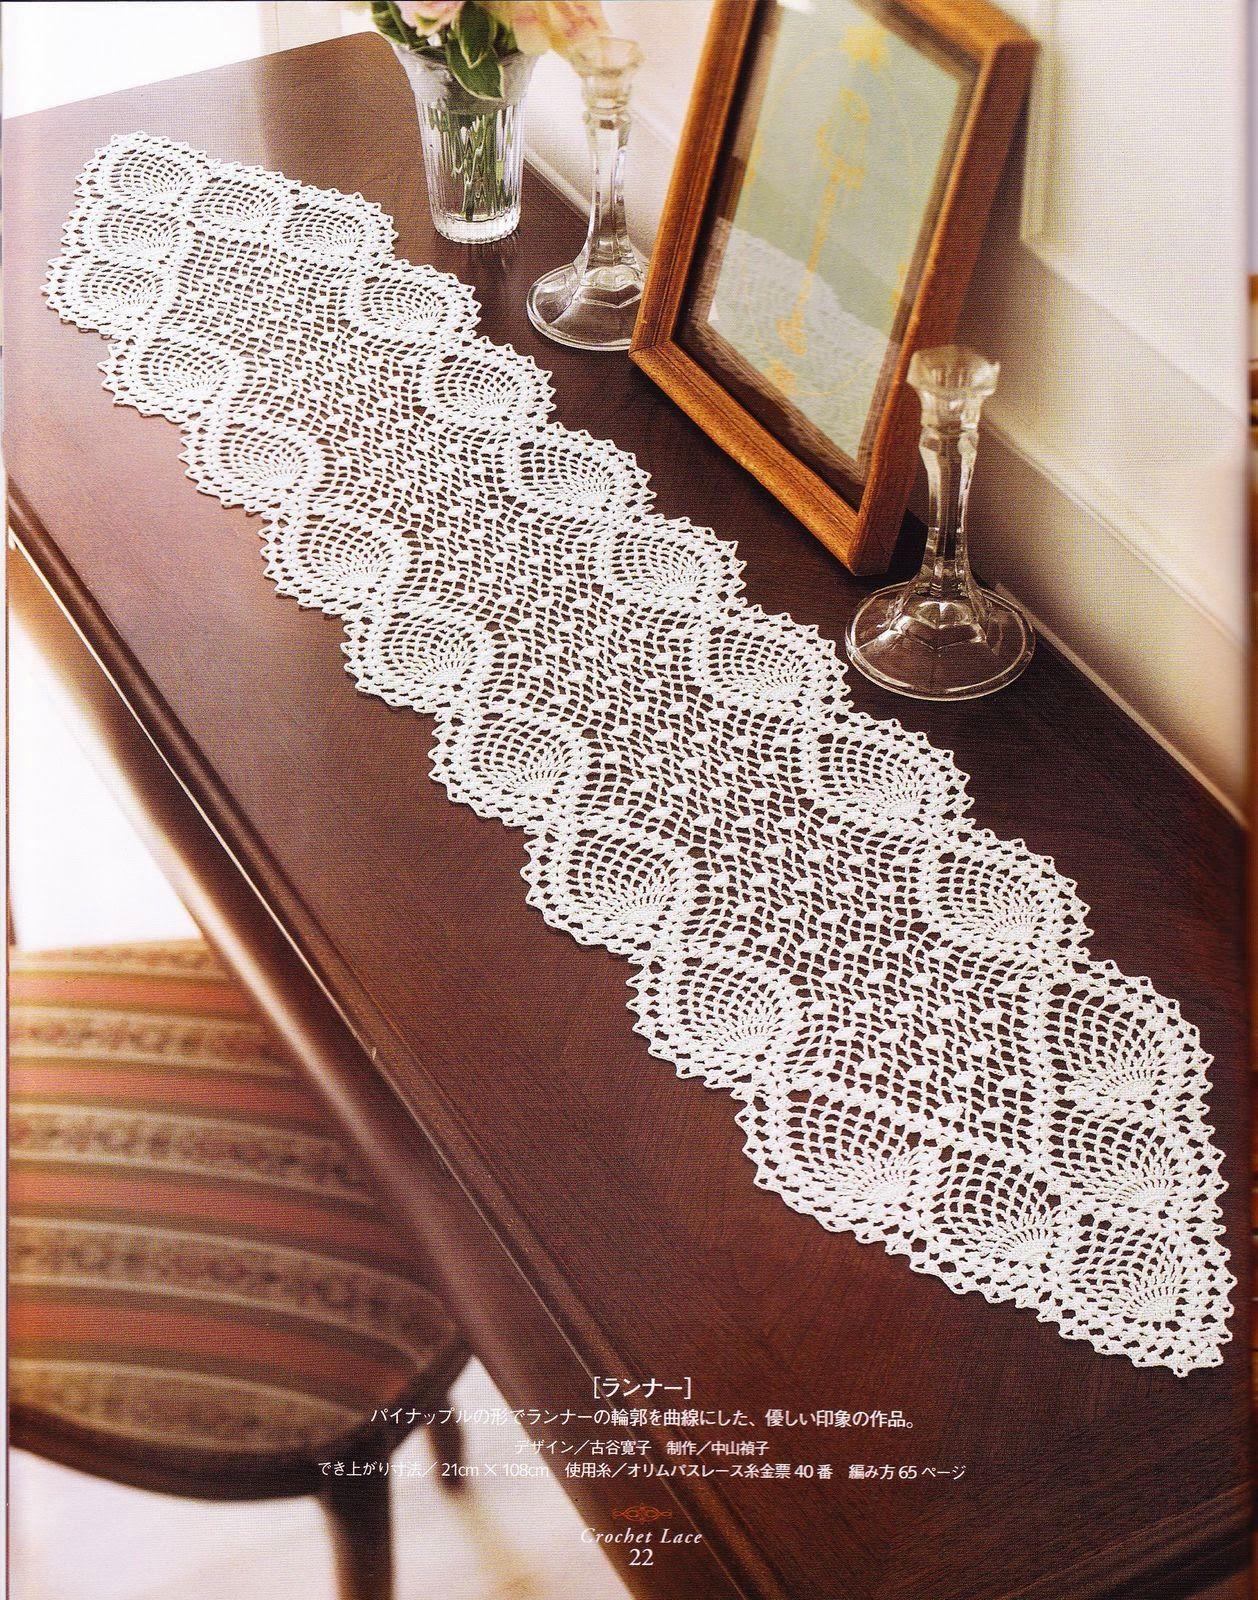 PATRONES GRATIS DE CROCHET: Camino de mesa | paños a crochet ...